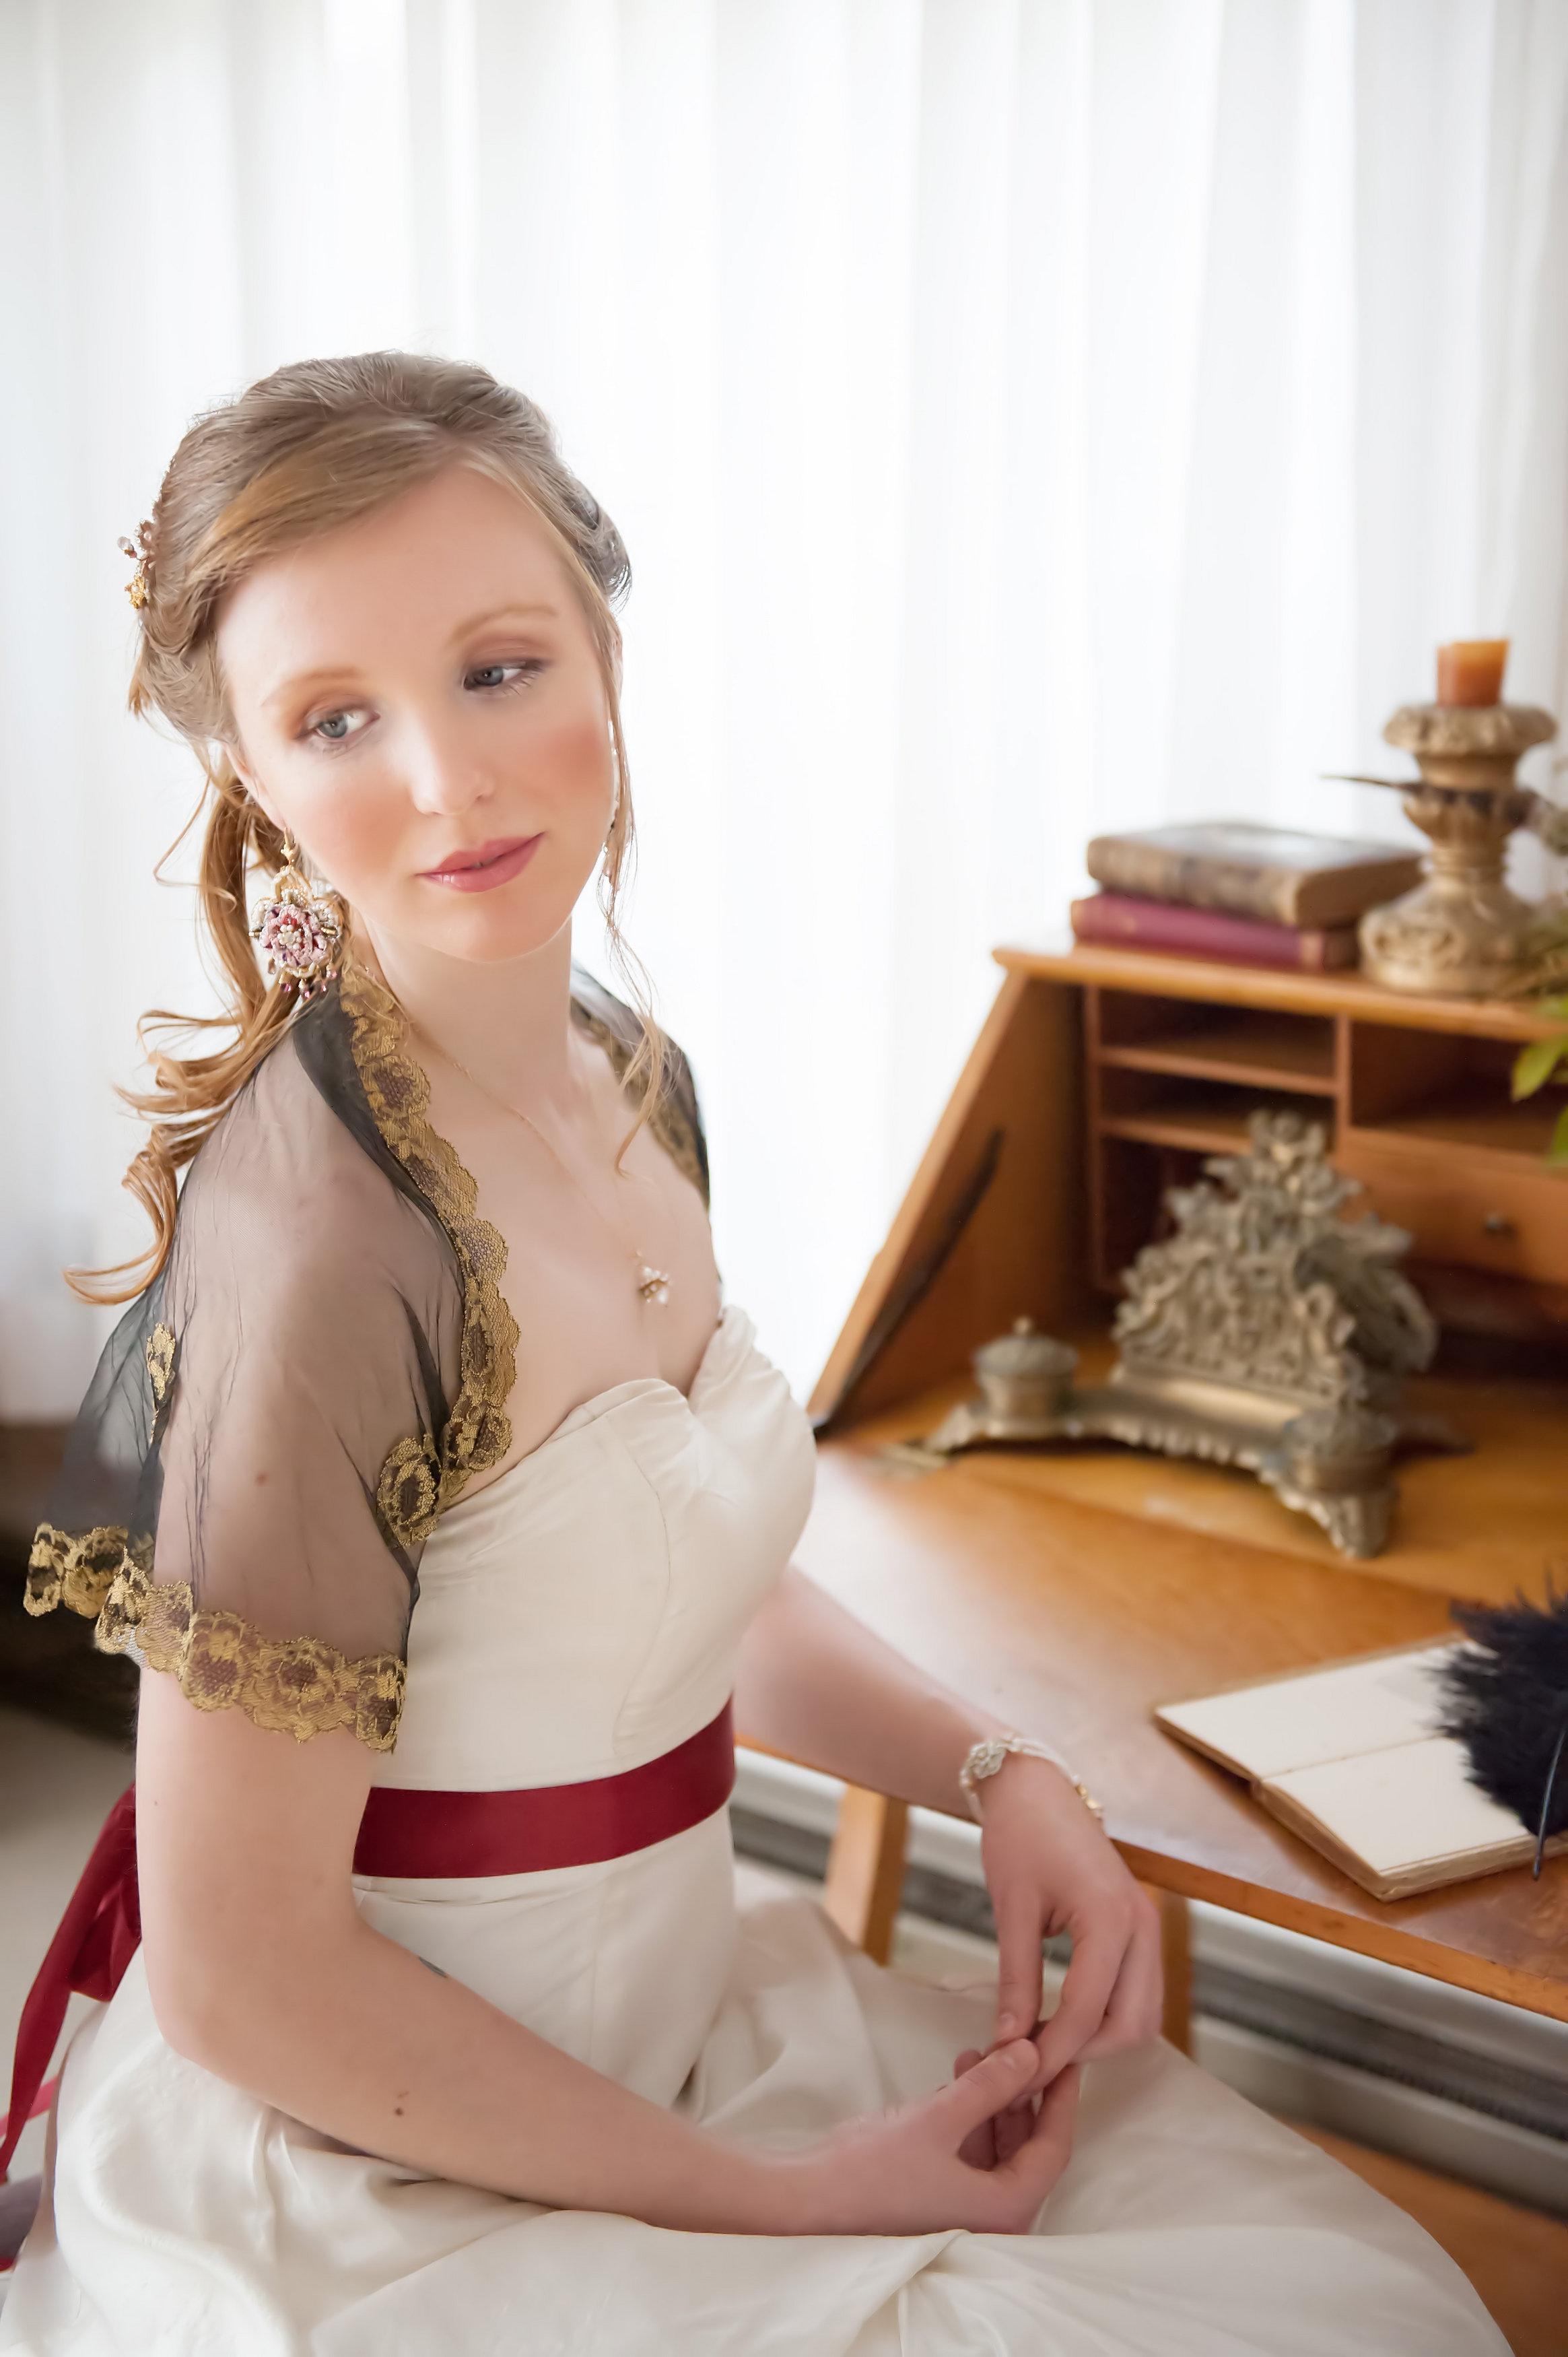 Tudor Rose Earrings, Elspeth Necklace, & Gloriana Bracelet